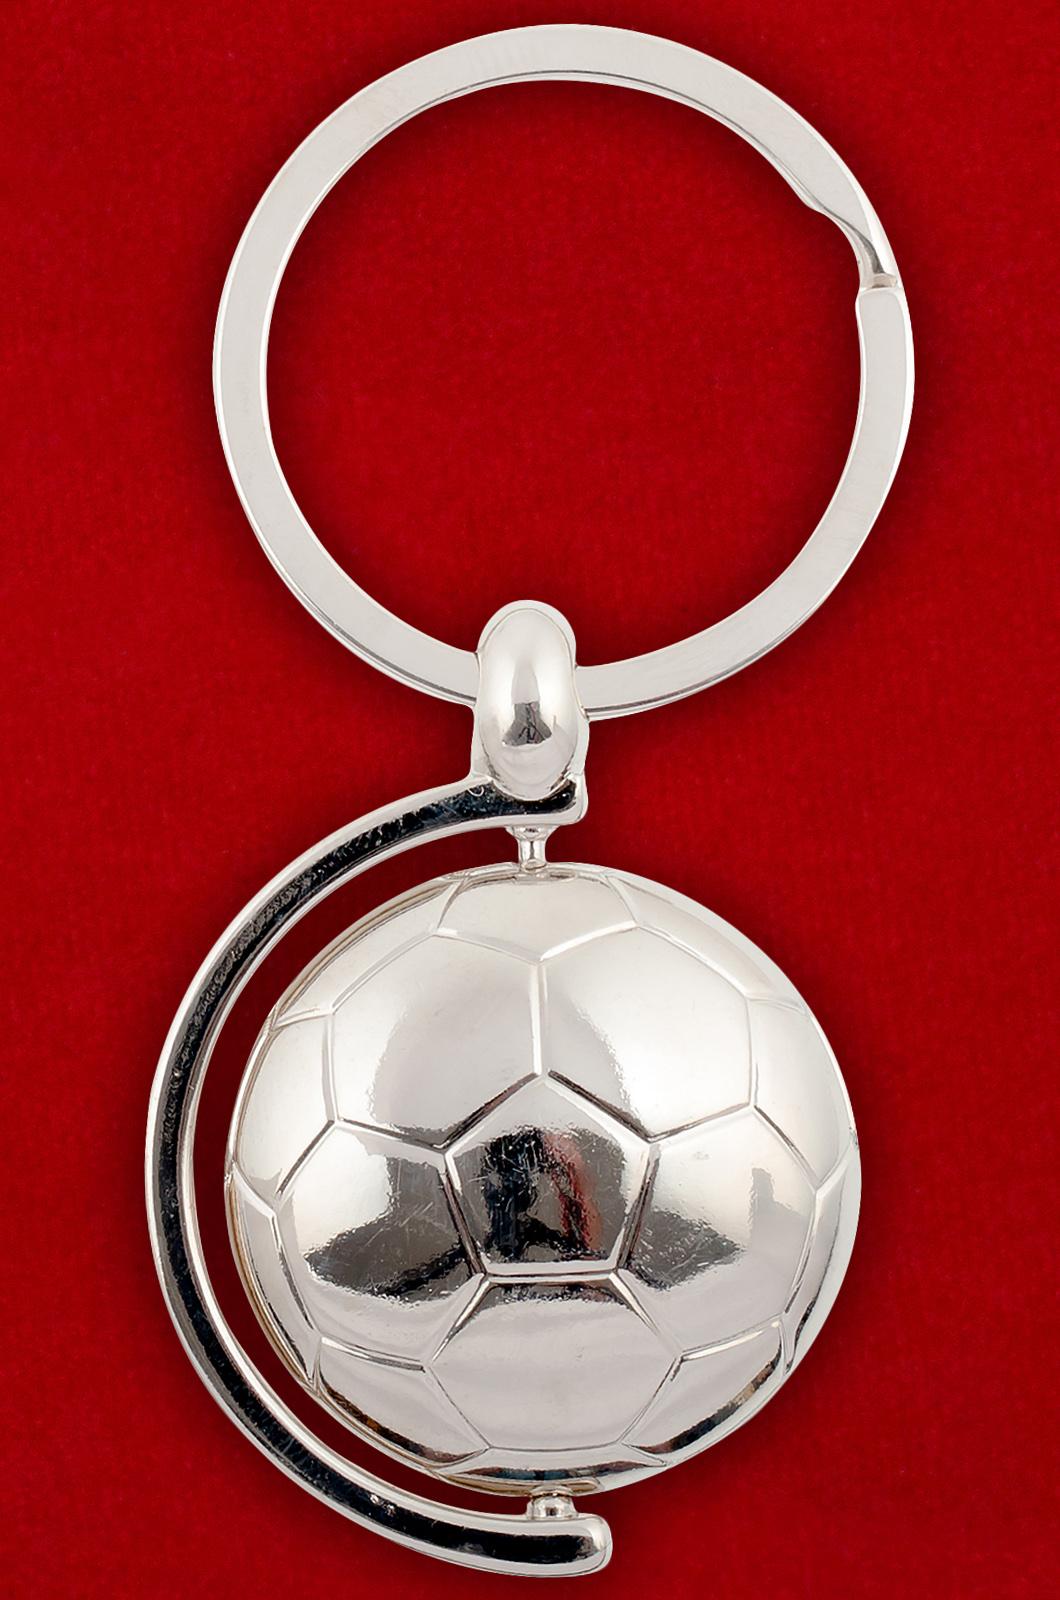 Купить брелок Футбольный мяч на подарок фанату